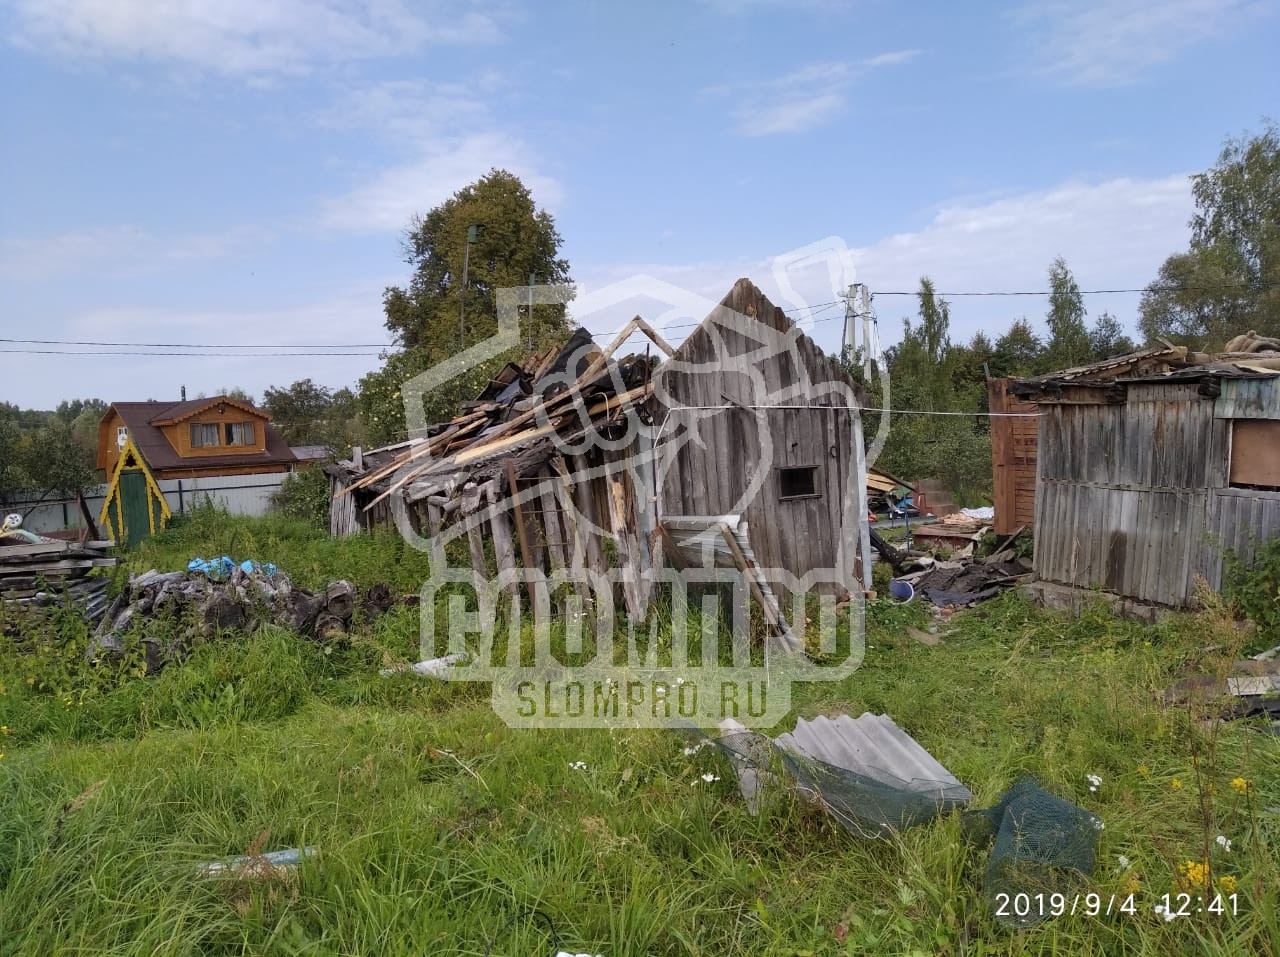 Разбираем деревянные постройки в Ступинском районе